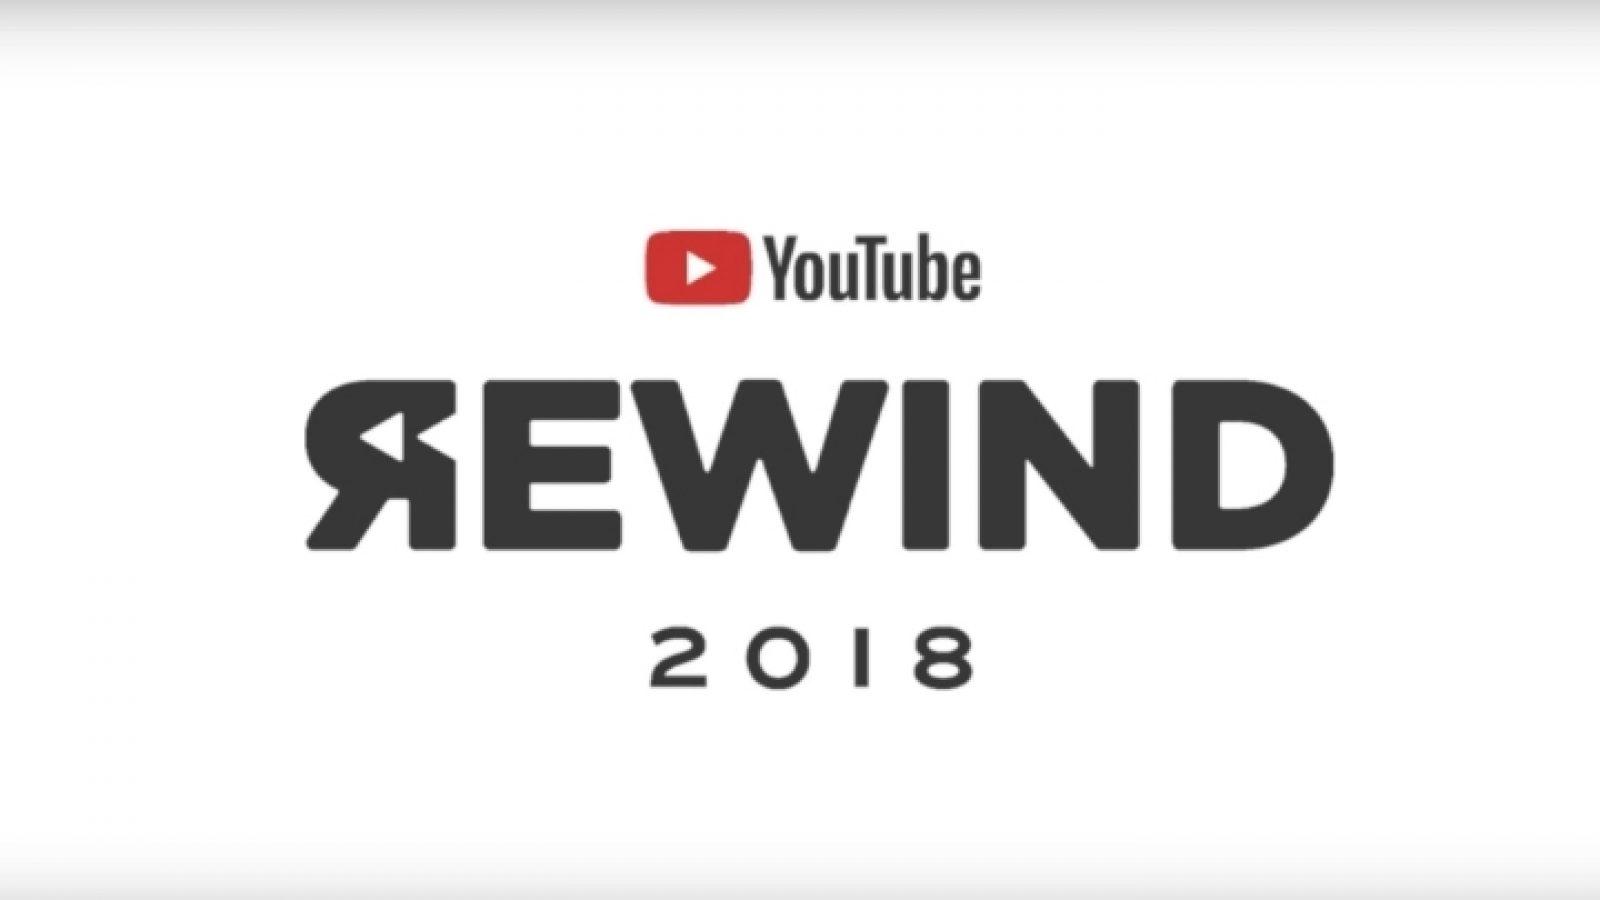 Youtube Rewind 2018 Pewdiepie Where Was He Dexerto